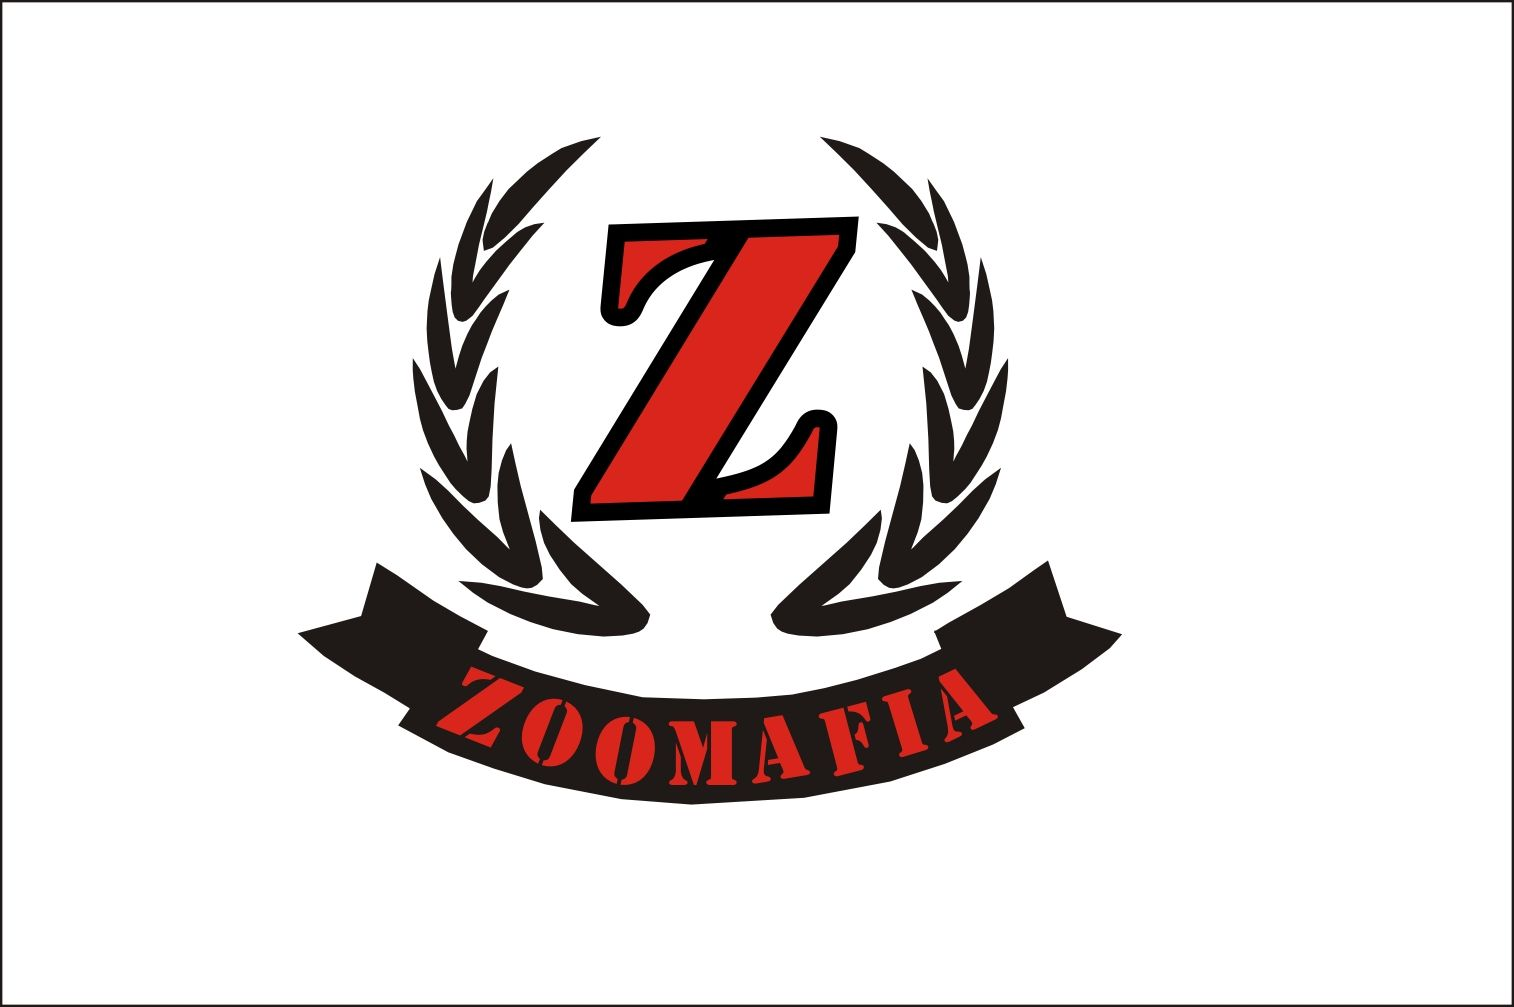 Логотип для интернет магазина зоотоваров - дизайнер GreenBunny